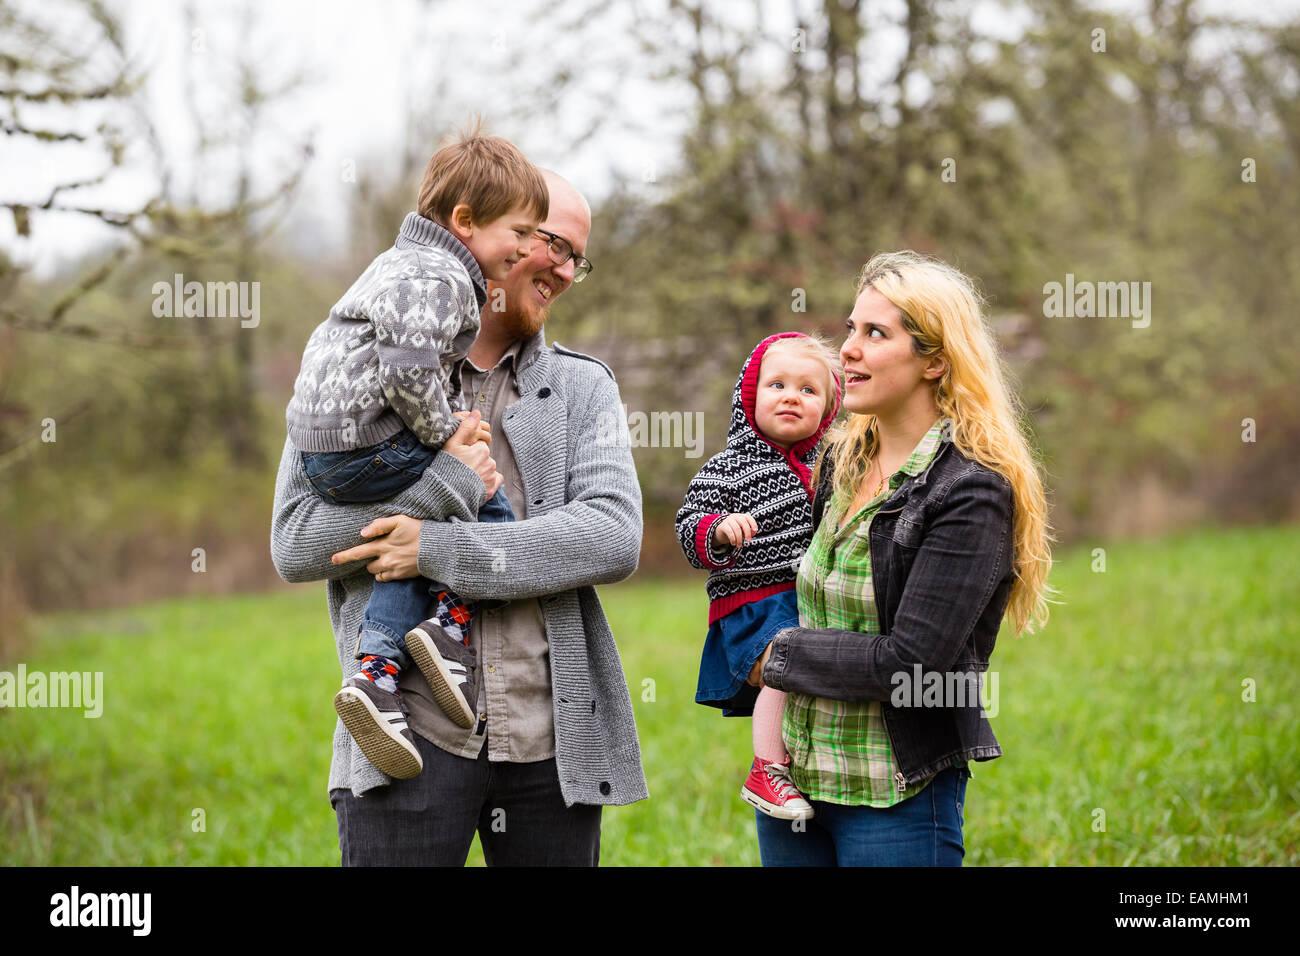 Mutter und Tochter datieren Vater und Sohn